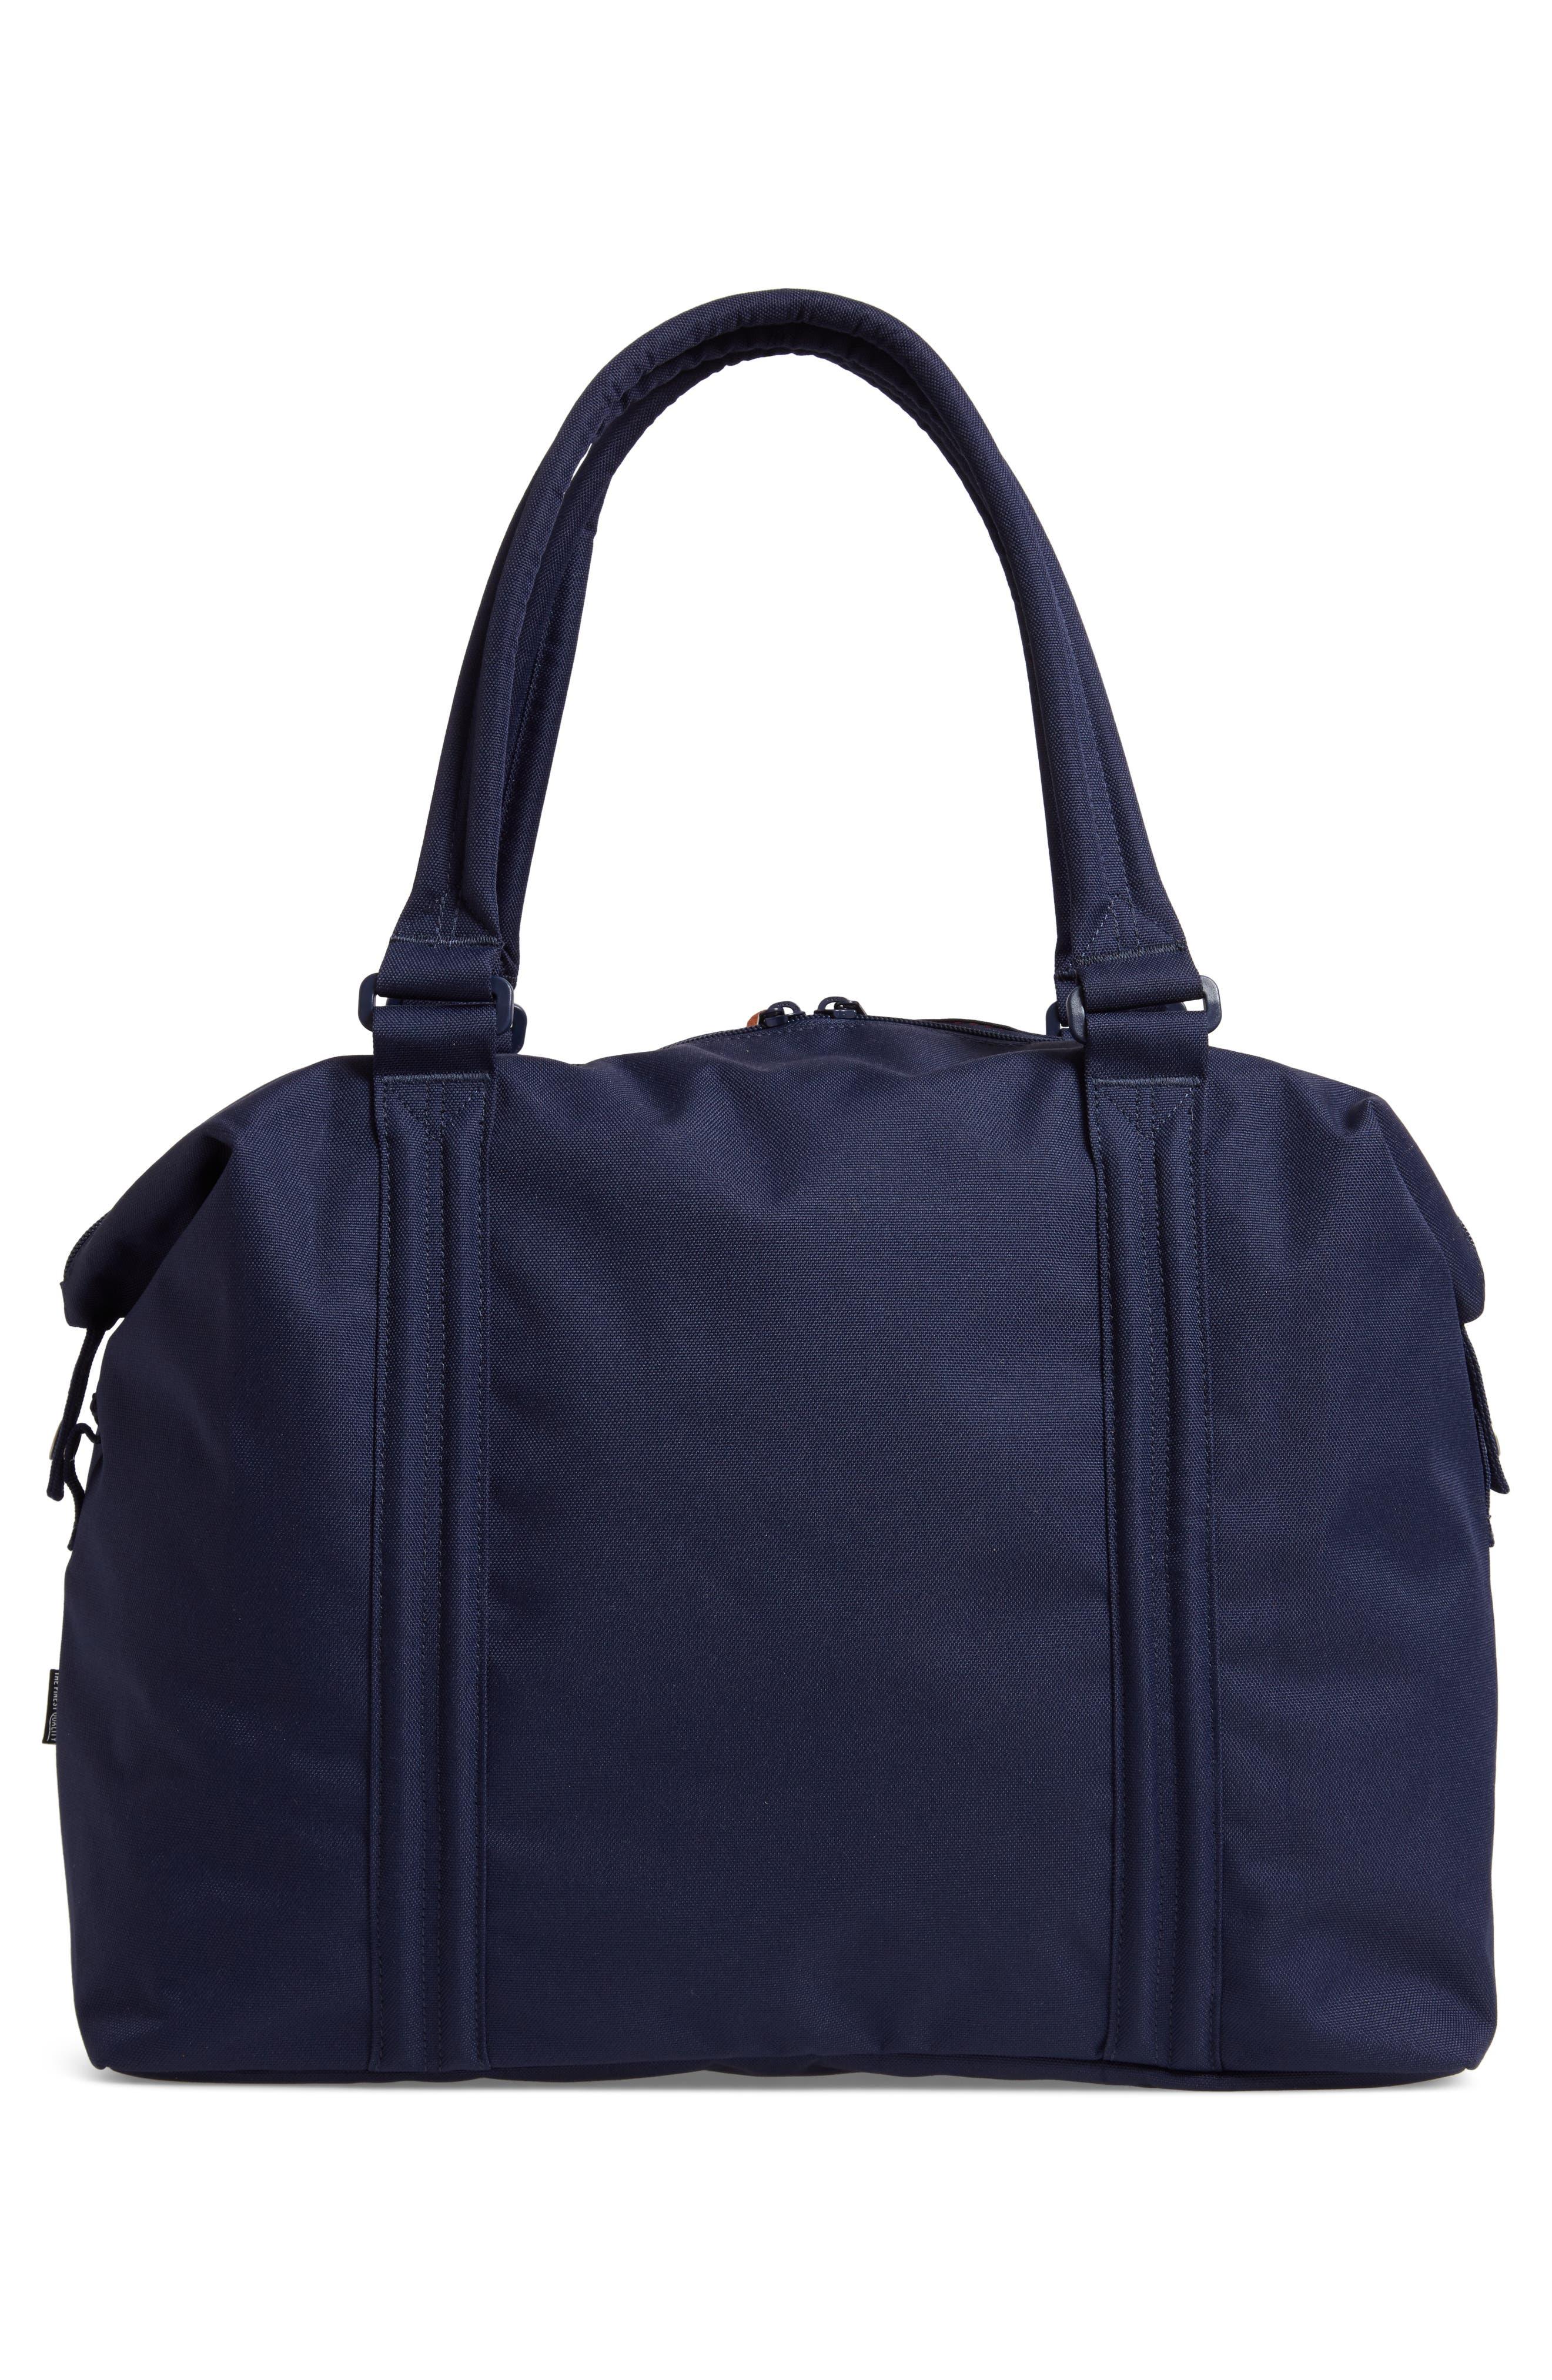 Strand Duffel Bag,                             Alternate thumbnail 3, color,                             PEACOAT